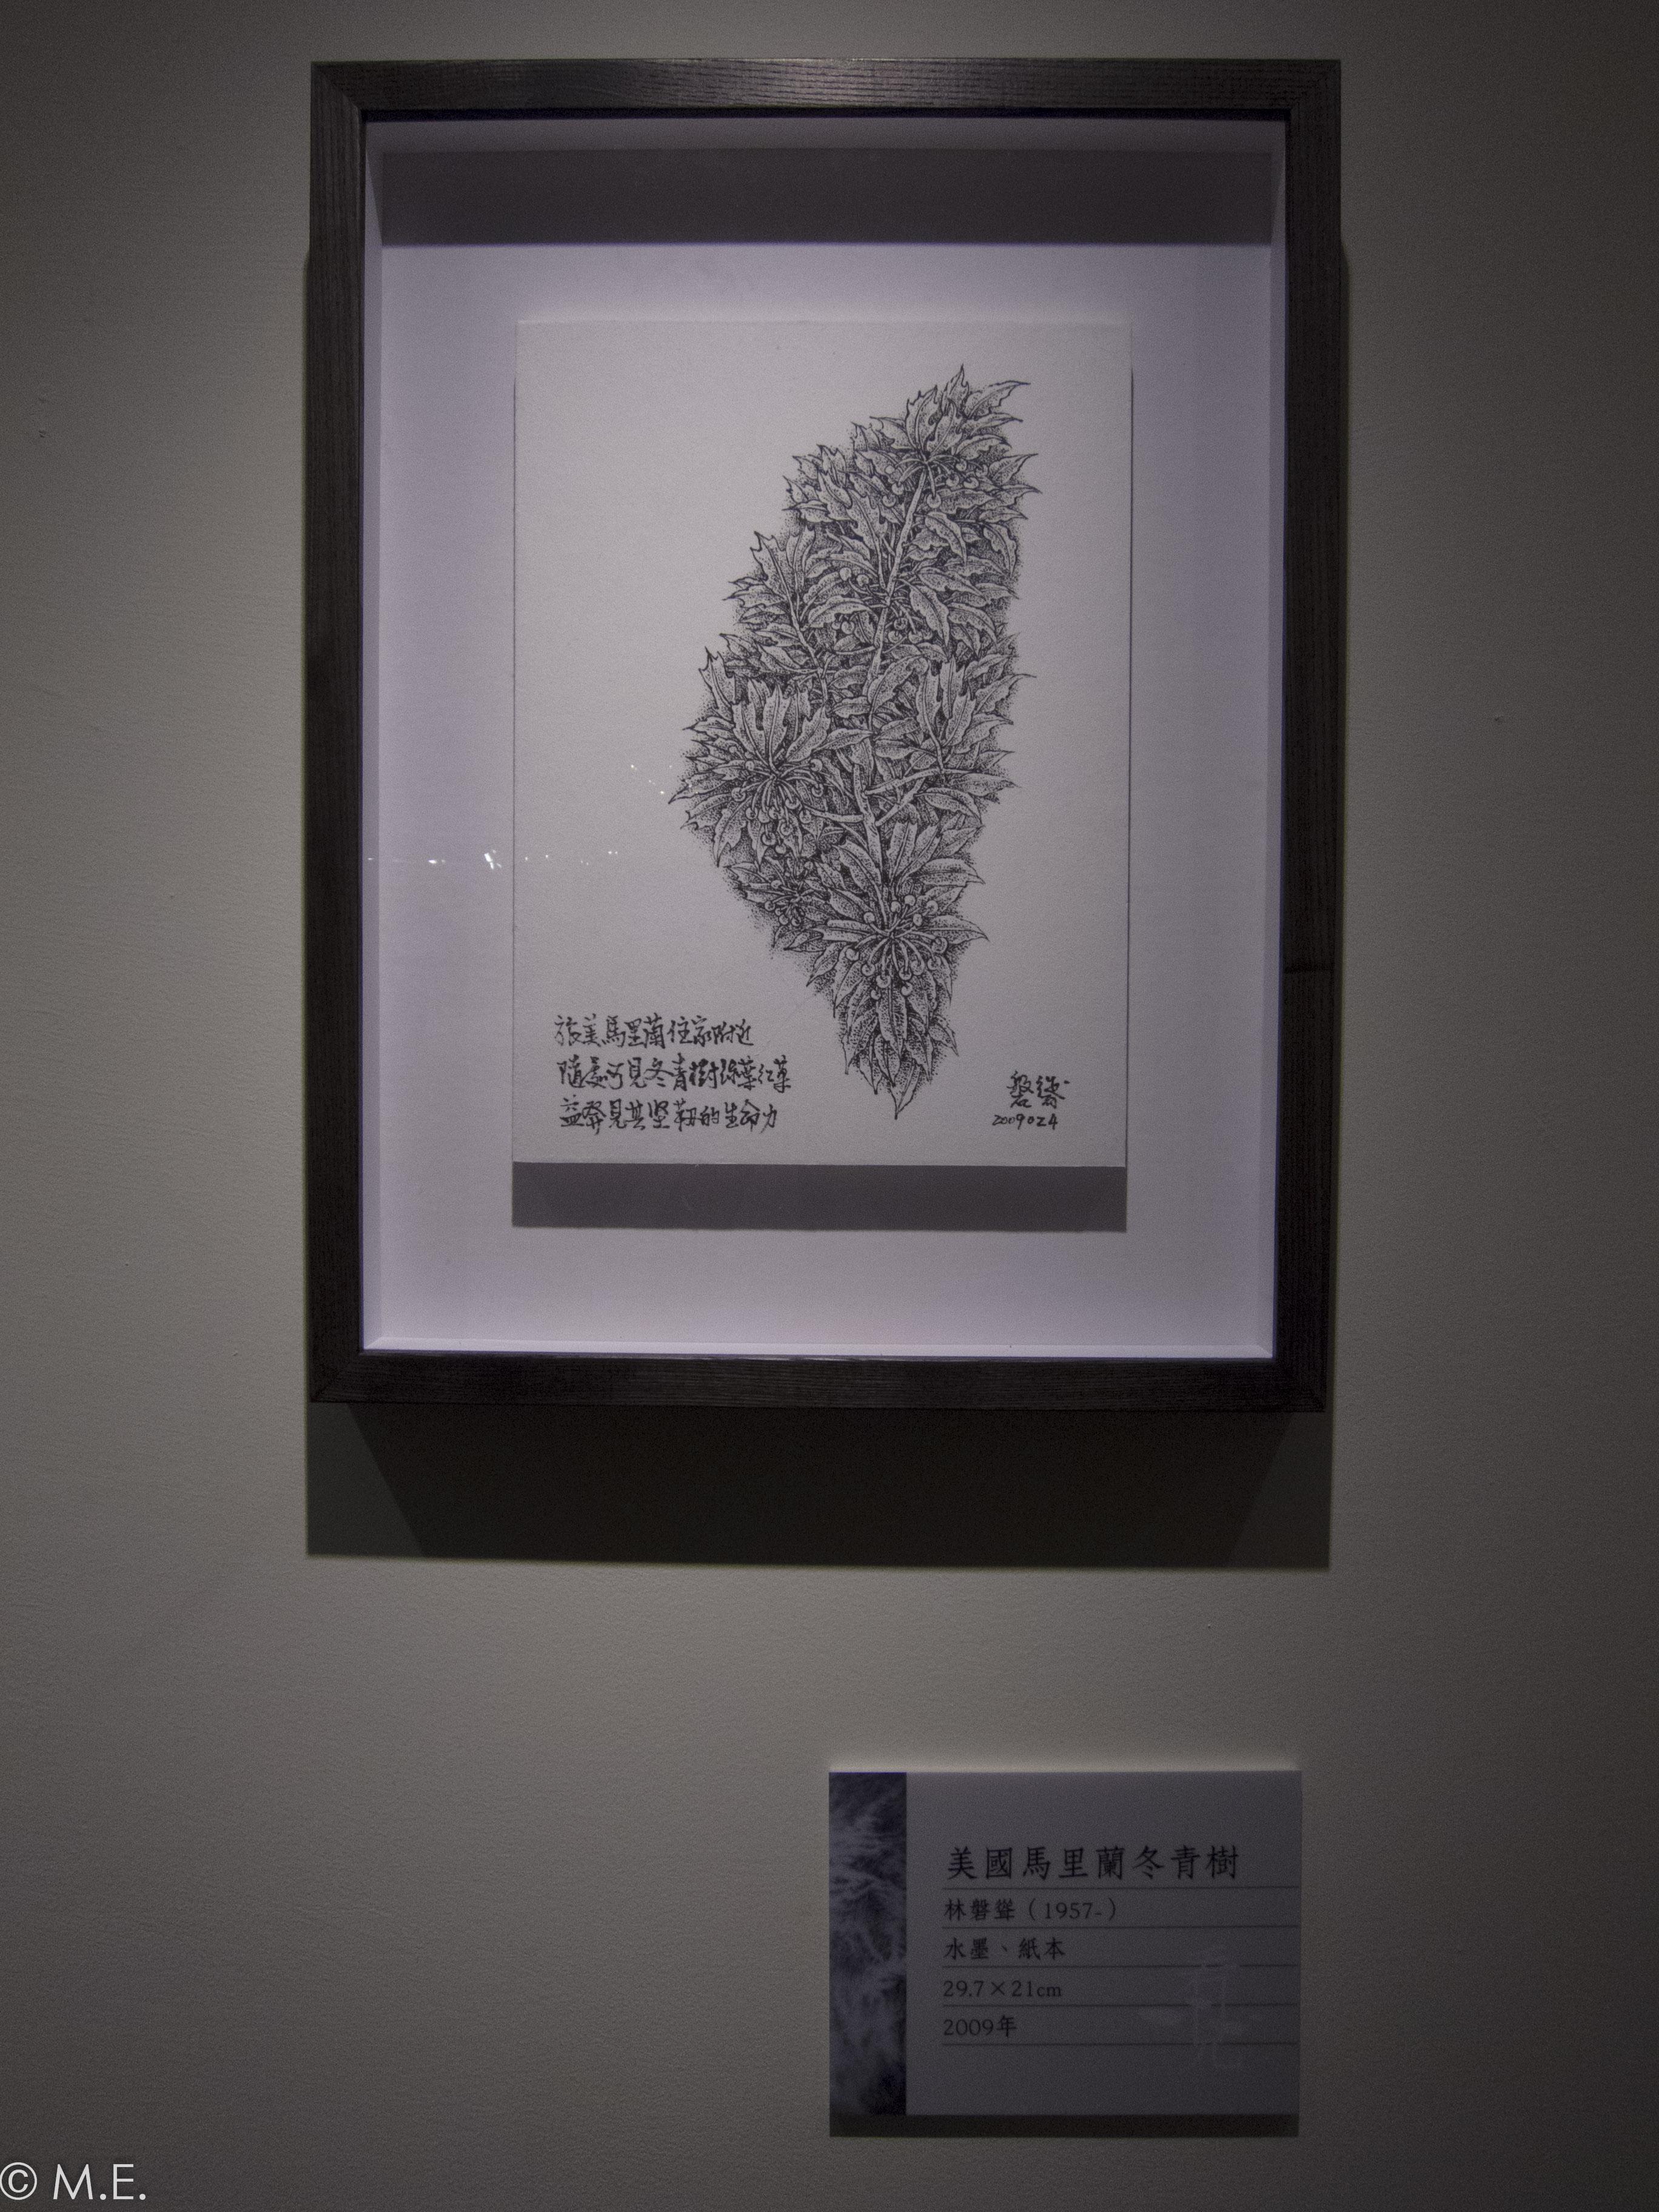 2013。 2012 年12月24日一早,林磐聳多年來投身於企業識別系統(CIS)及海報設計的工作,華文設計研究,林磐聳六十藝術設計展 – 澳門設計中心